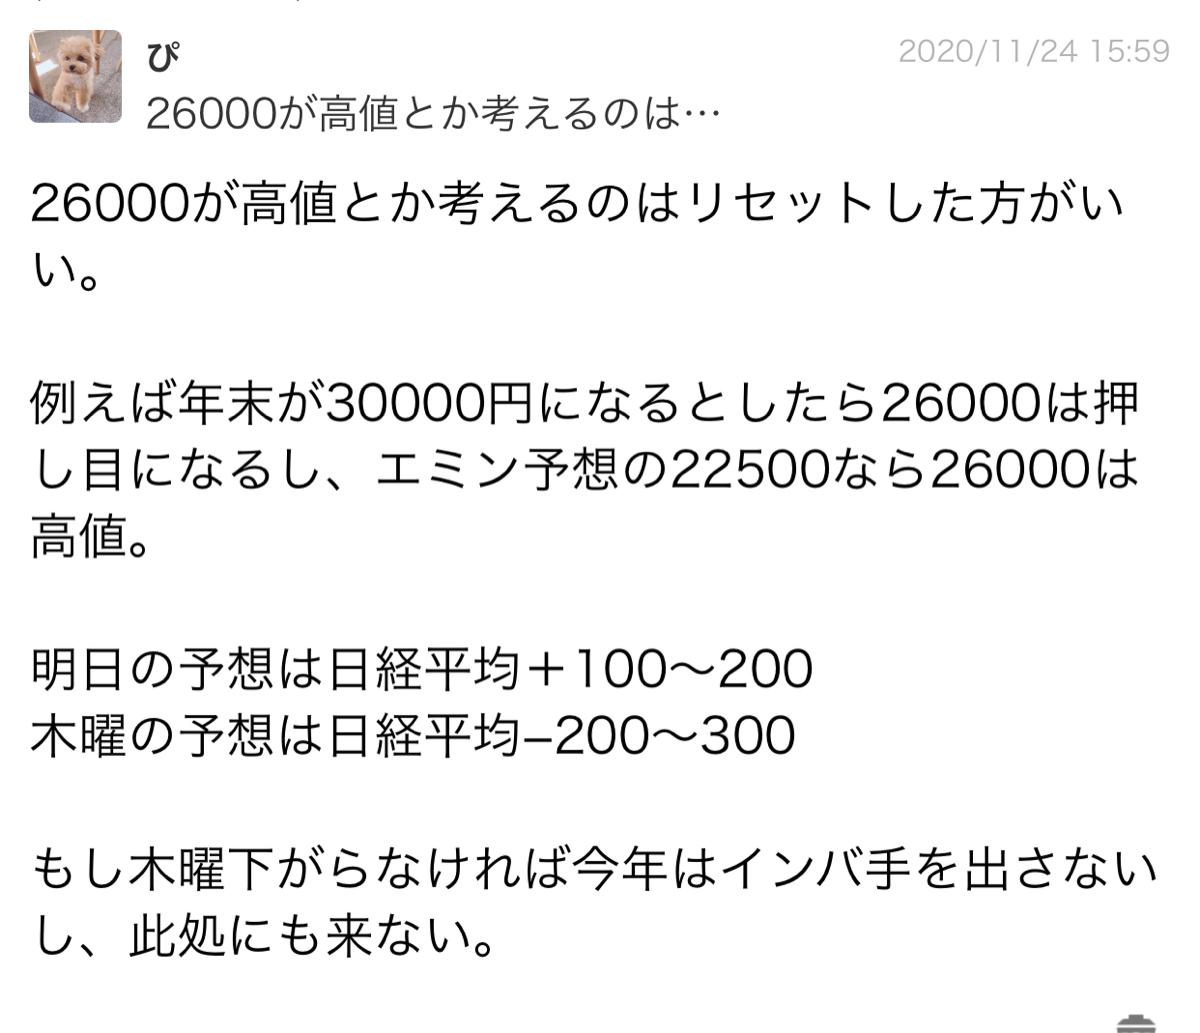 1357 - (NEXT FUNDS) 日経ダブルインバース上場投信 あれ?引退しなくて良さそうかな?